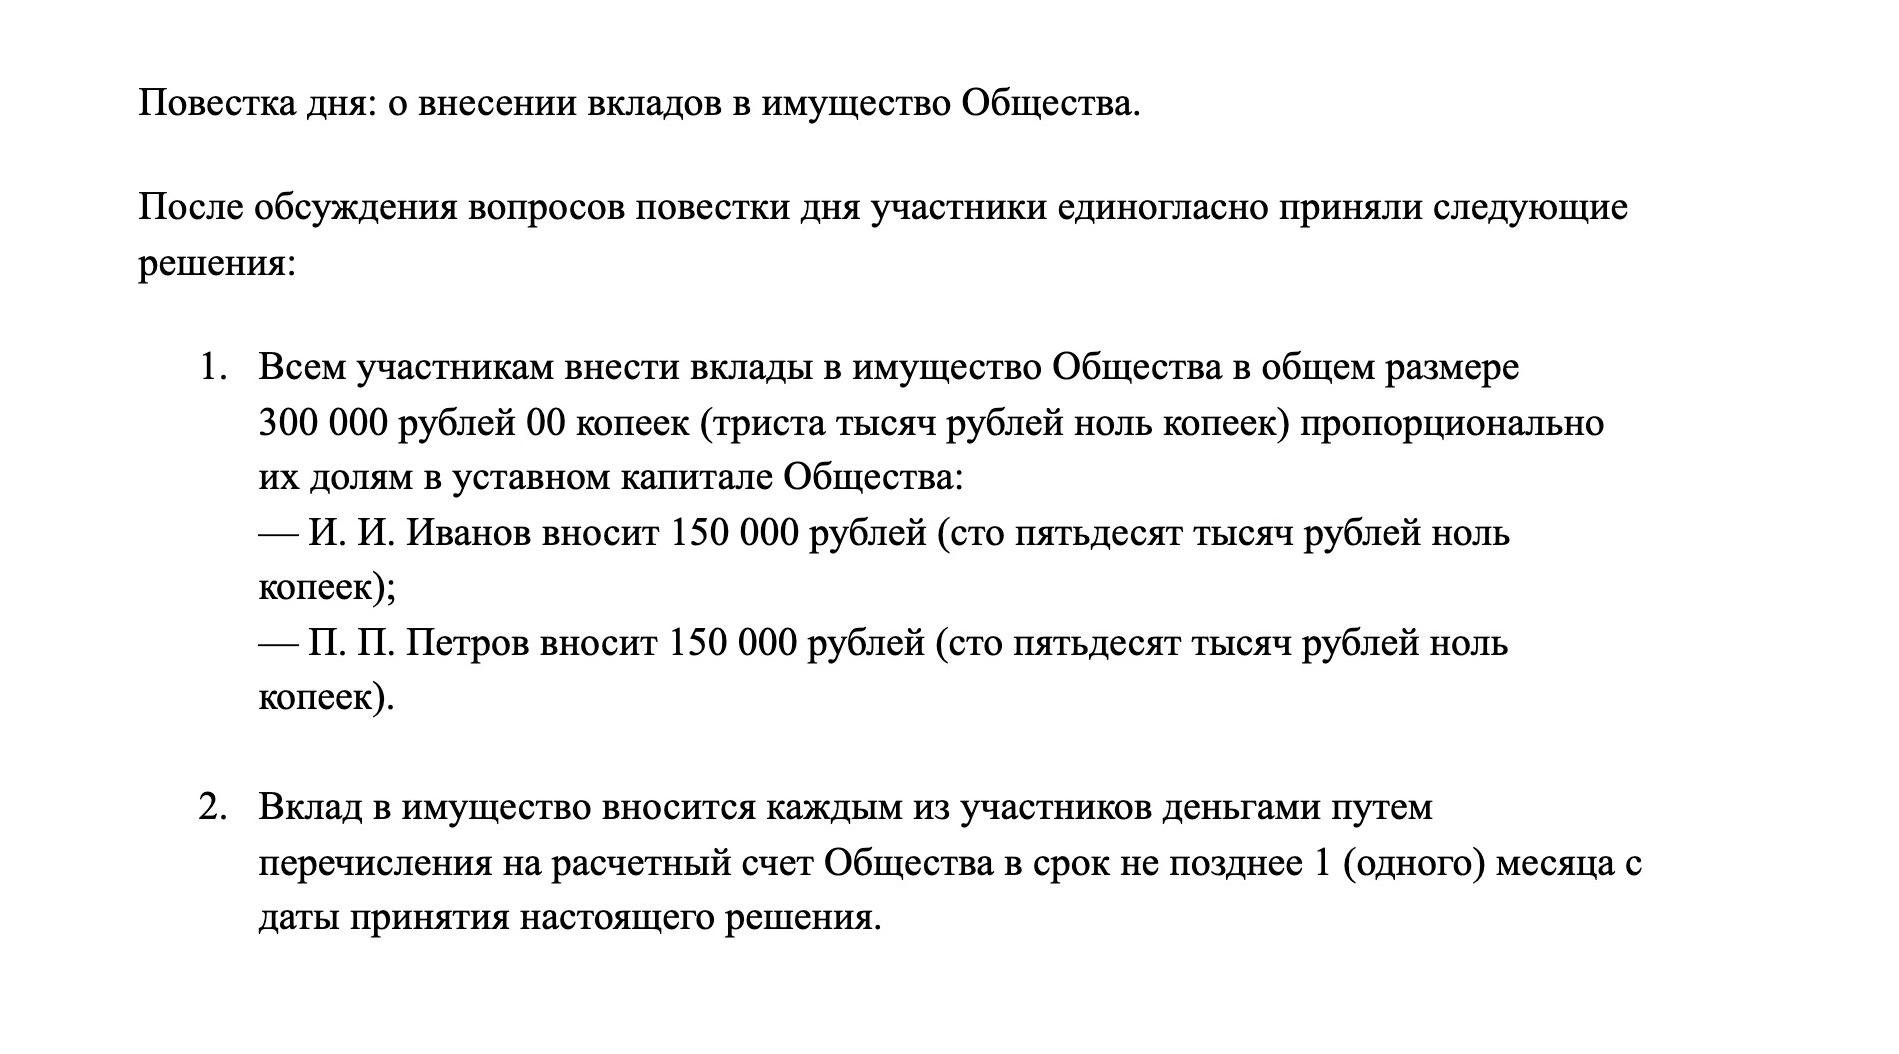 Вот примерная выдержка из протокола общего собрания